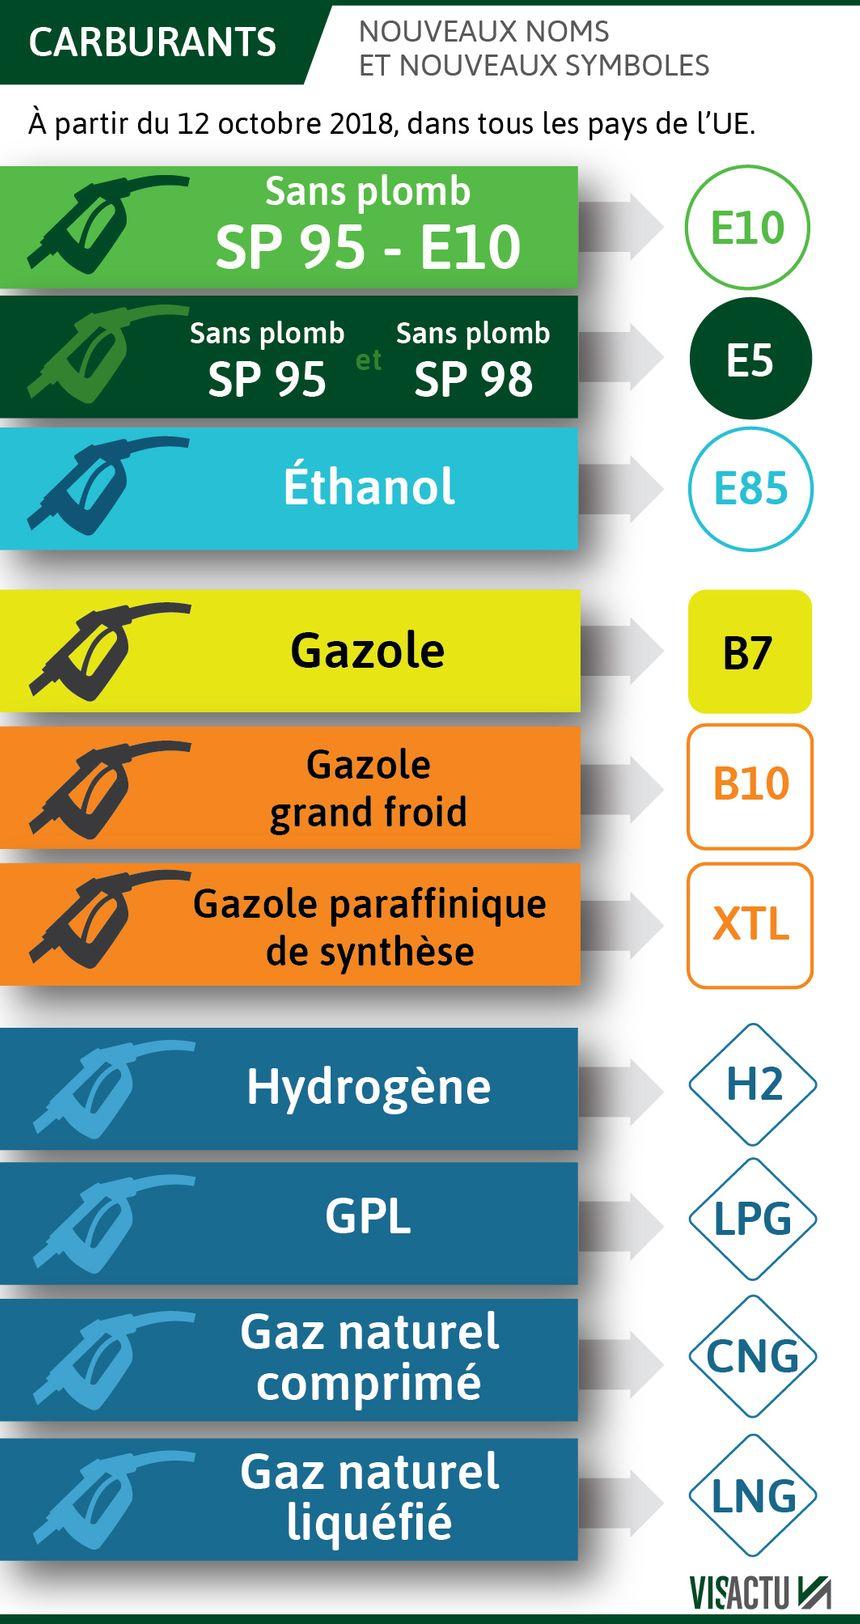 ec737c383c17b1 Les nouveaux noms des carburants arrivent dans les stations-services